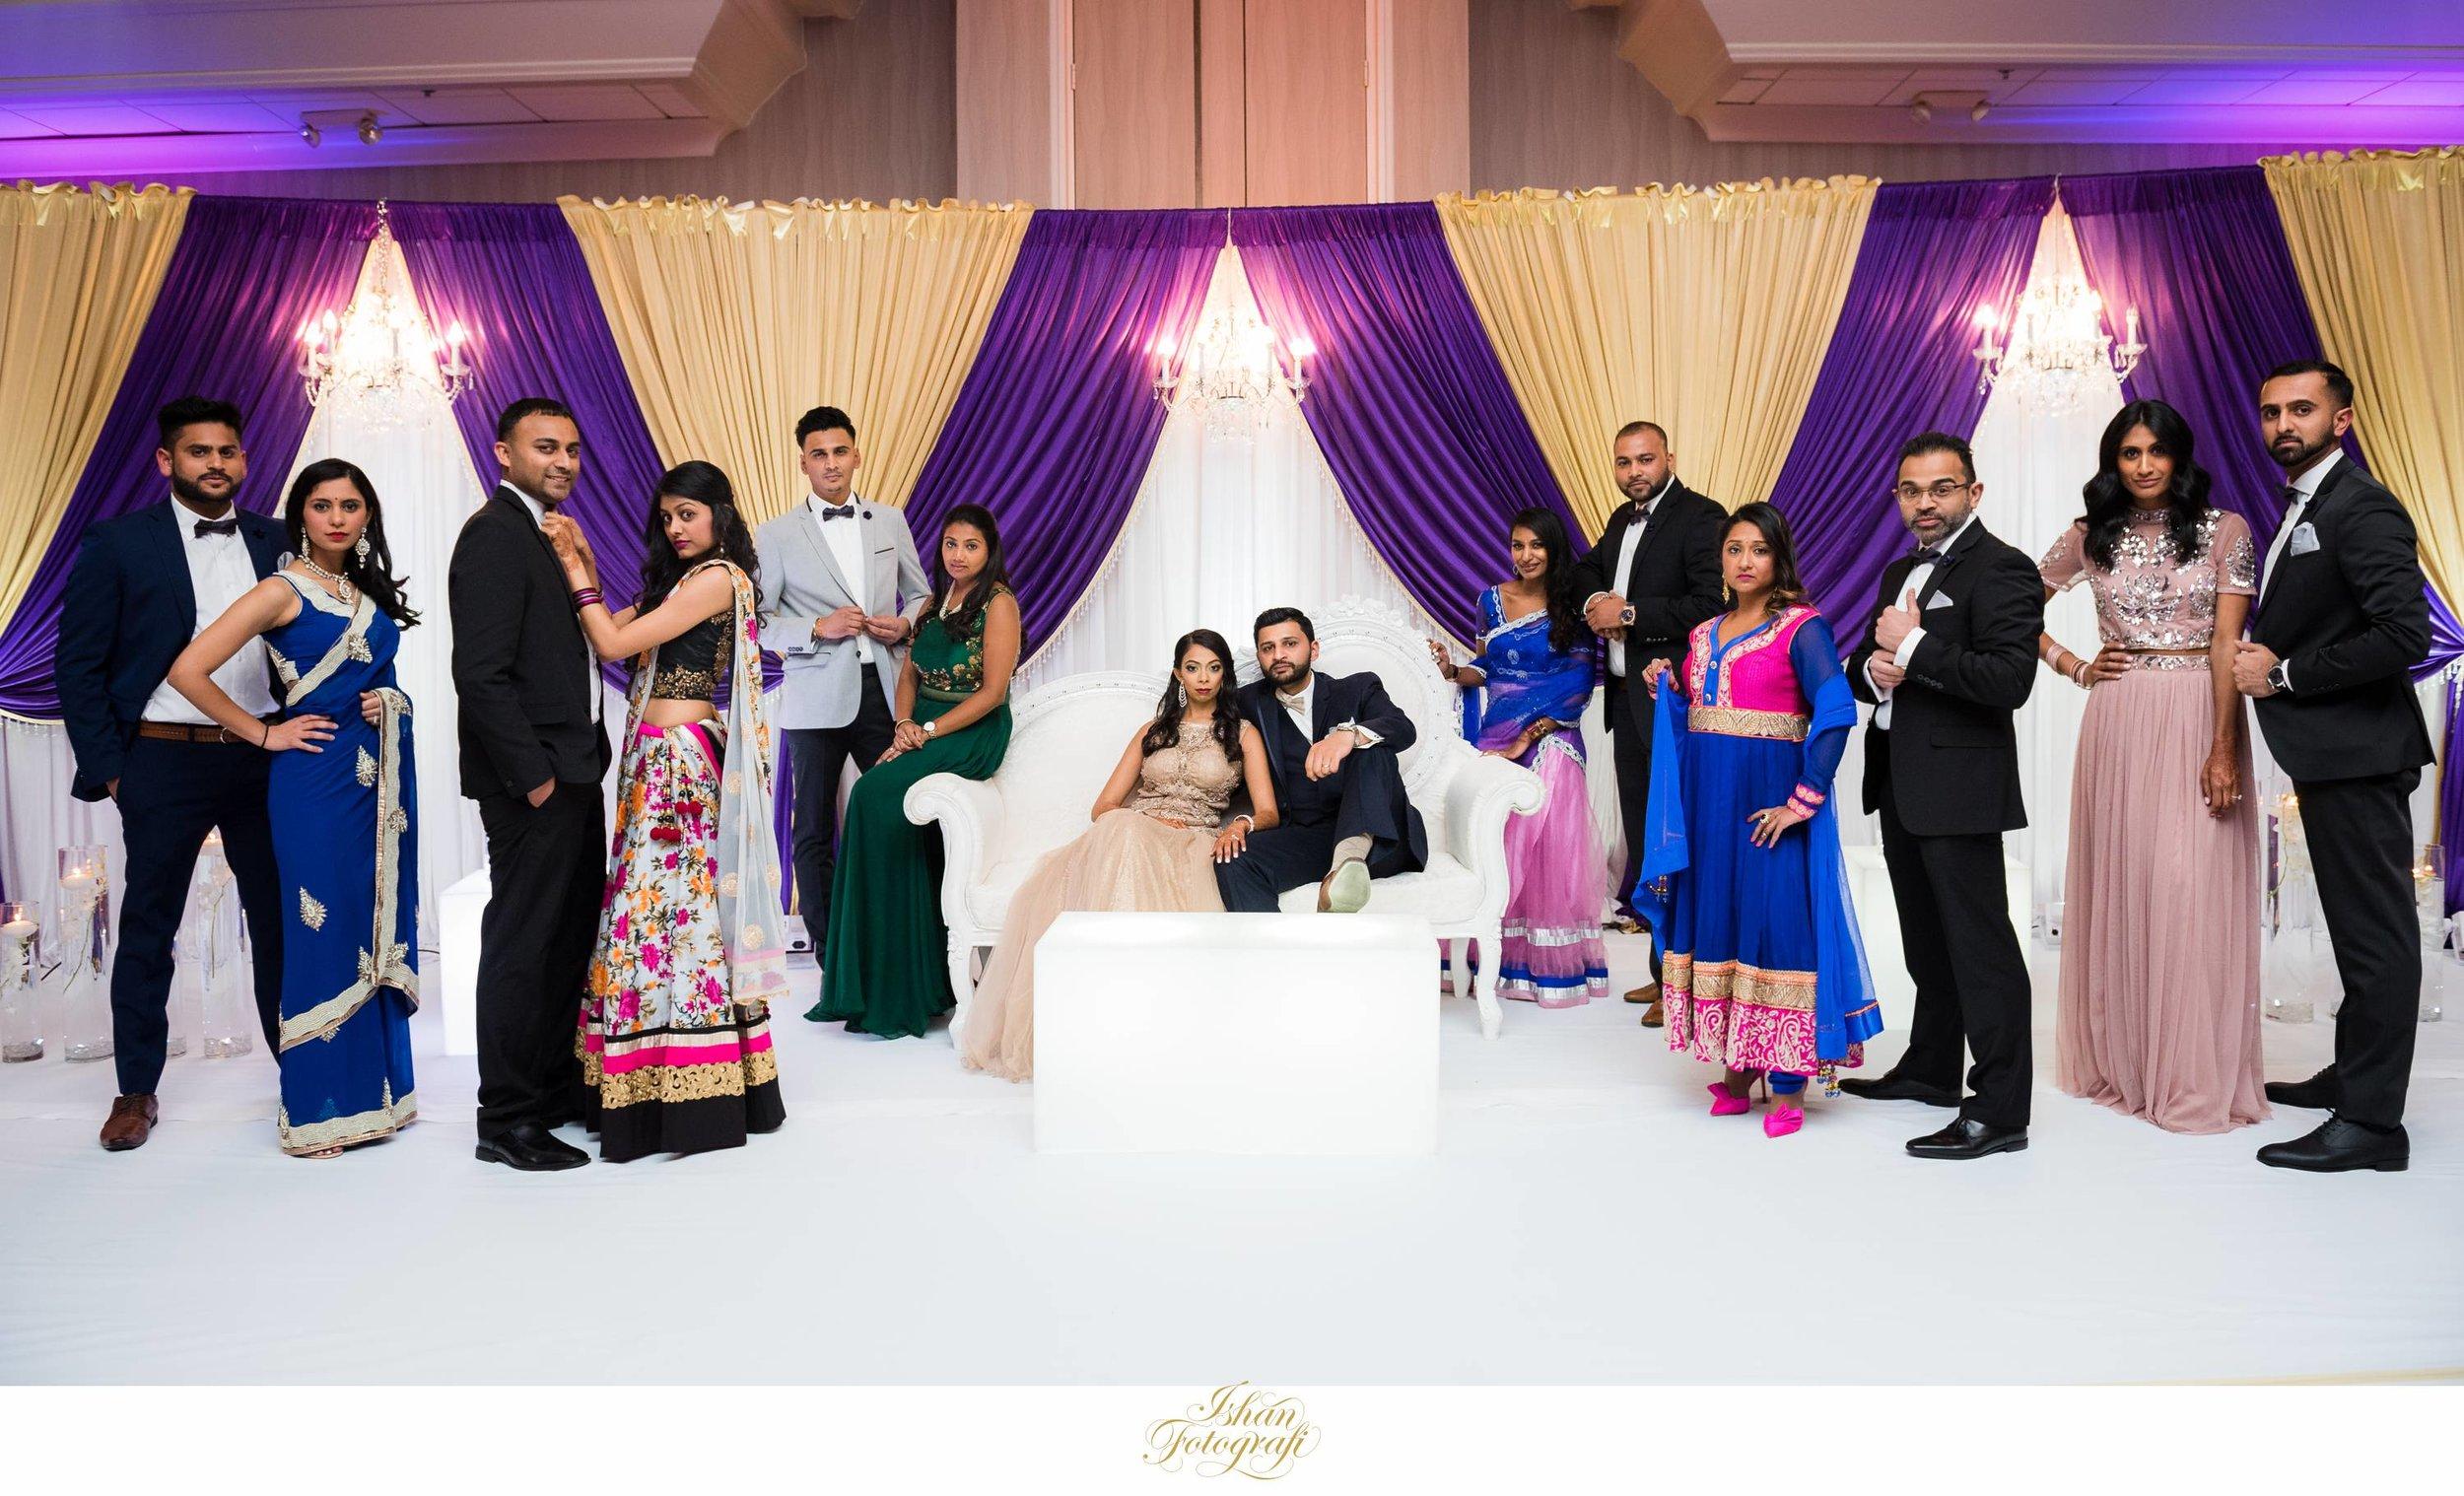 Indian-wedding-hanover-marriott-new-jersey